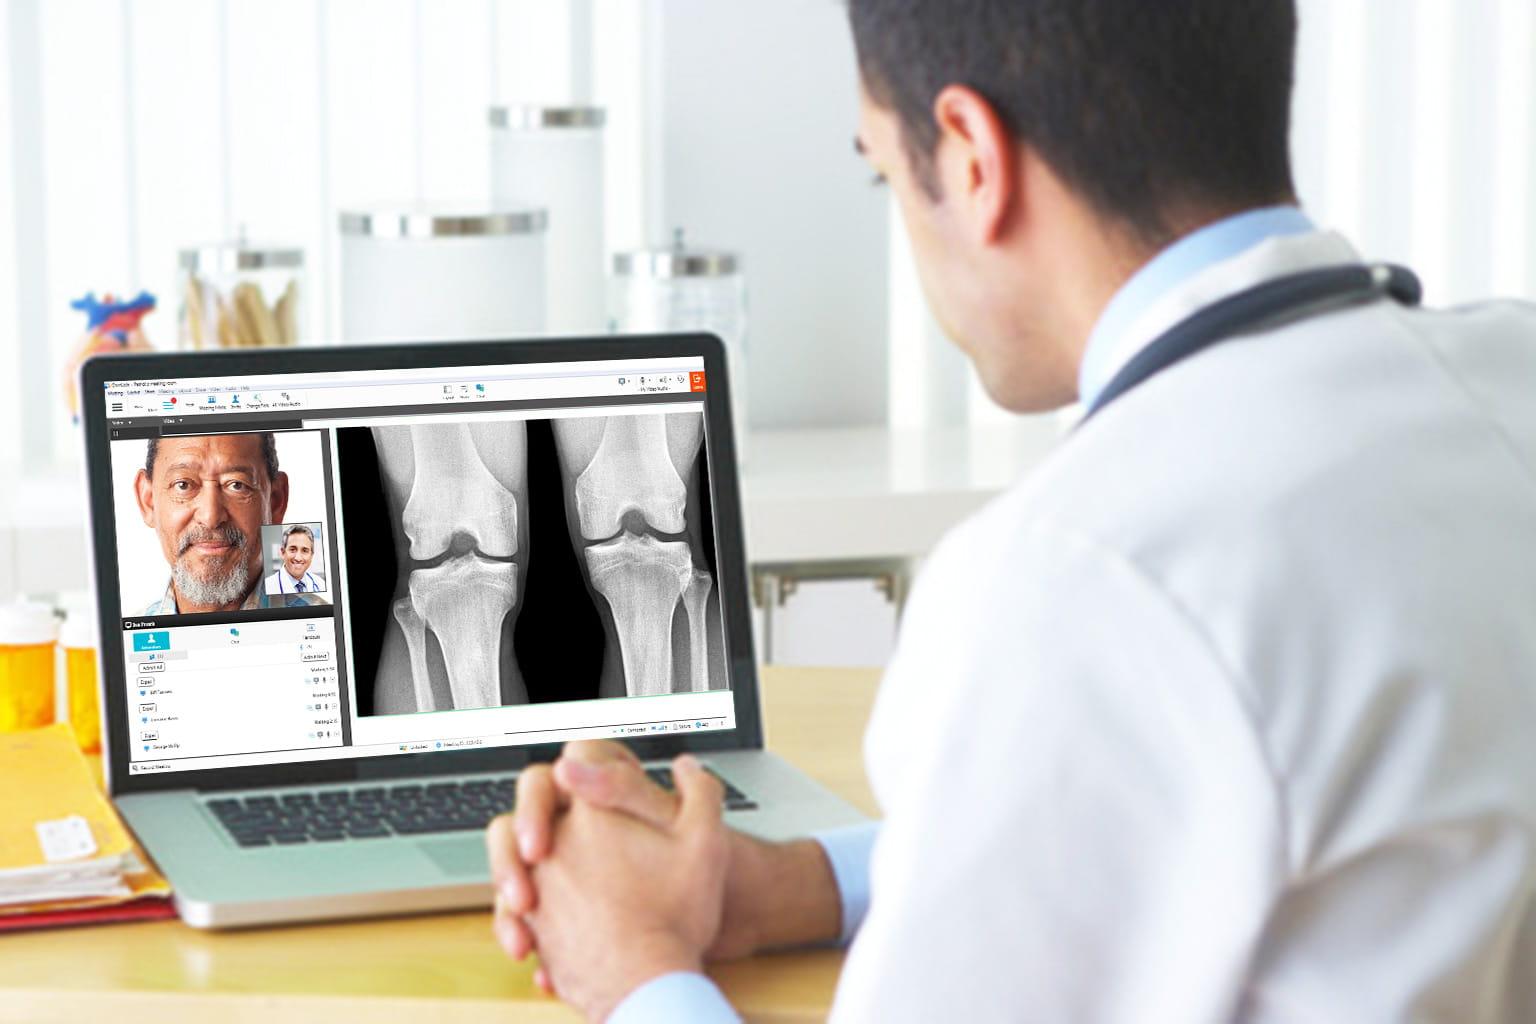 Arzt bespricht mit Patient Röntgenaufnahmen über Videokonferenz